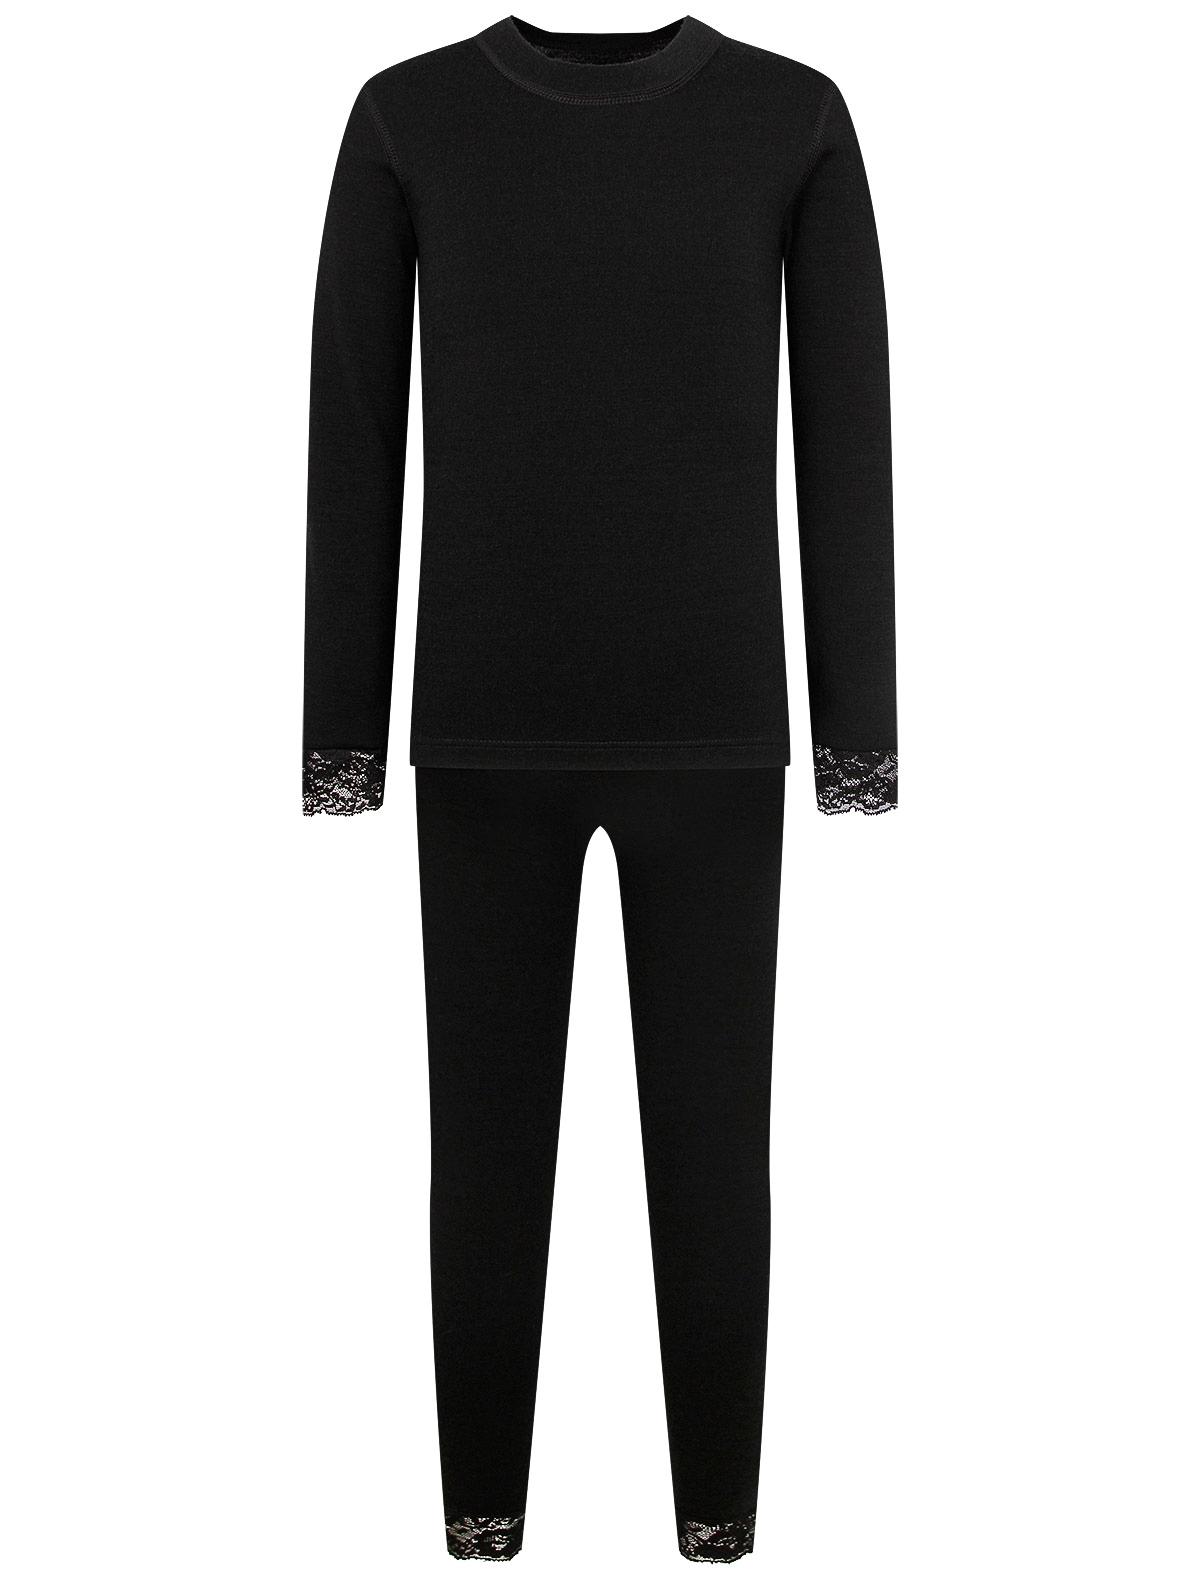 Купить 2257099, Термобелье Air wool, черный, Женский, 1724509080088